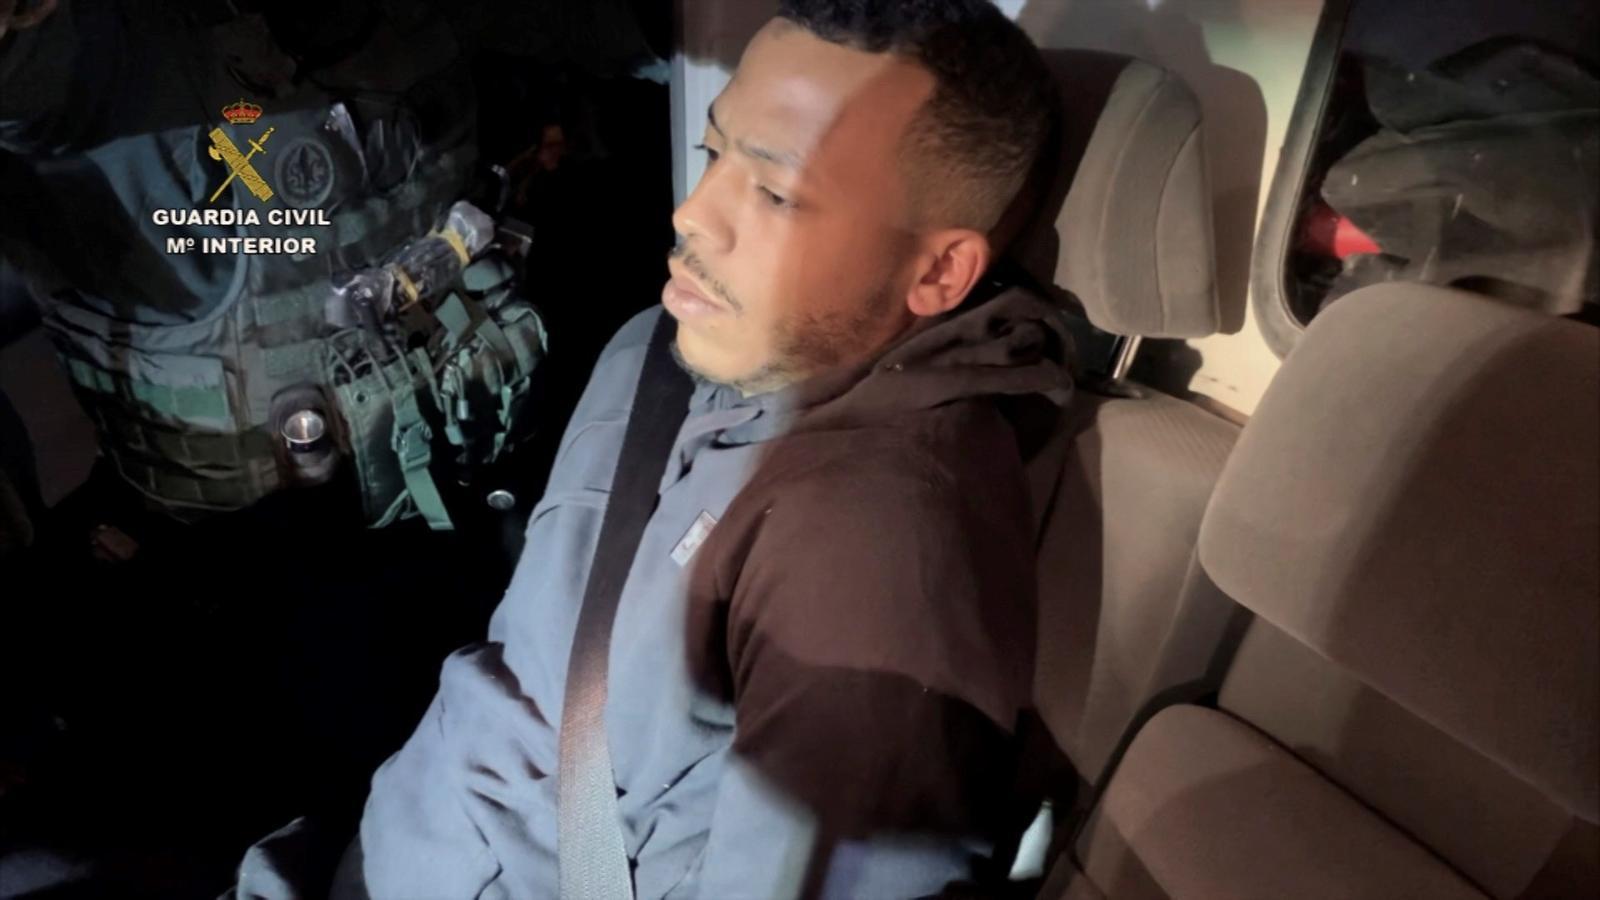 L'agressor després de ser detingut per les forces de seguretat